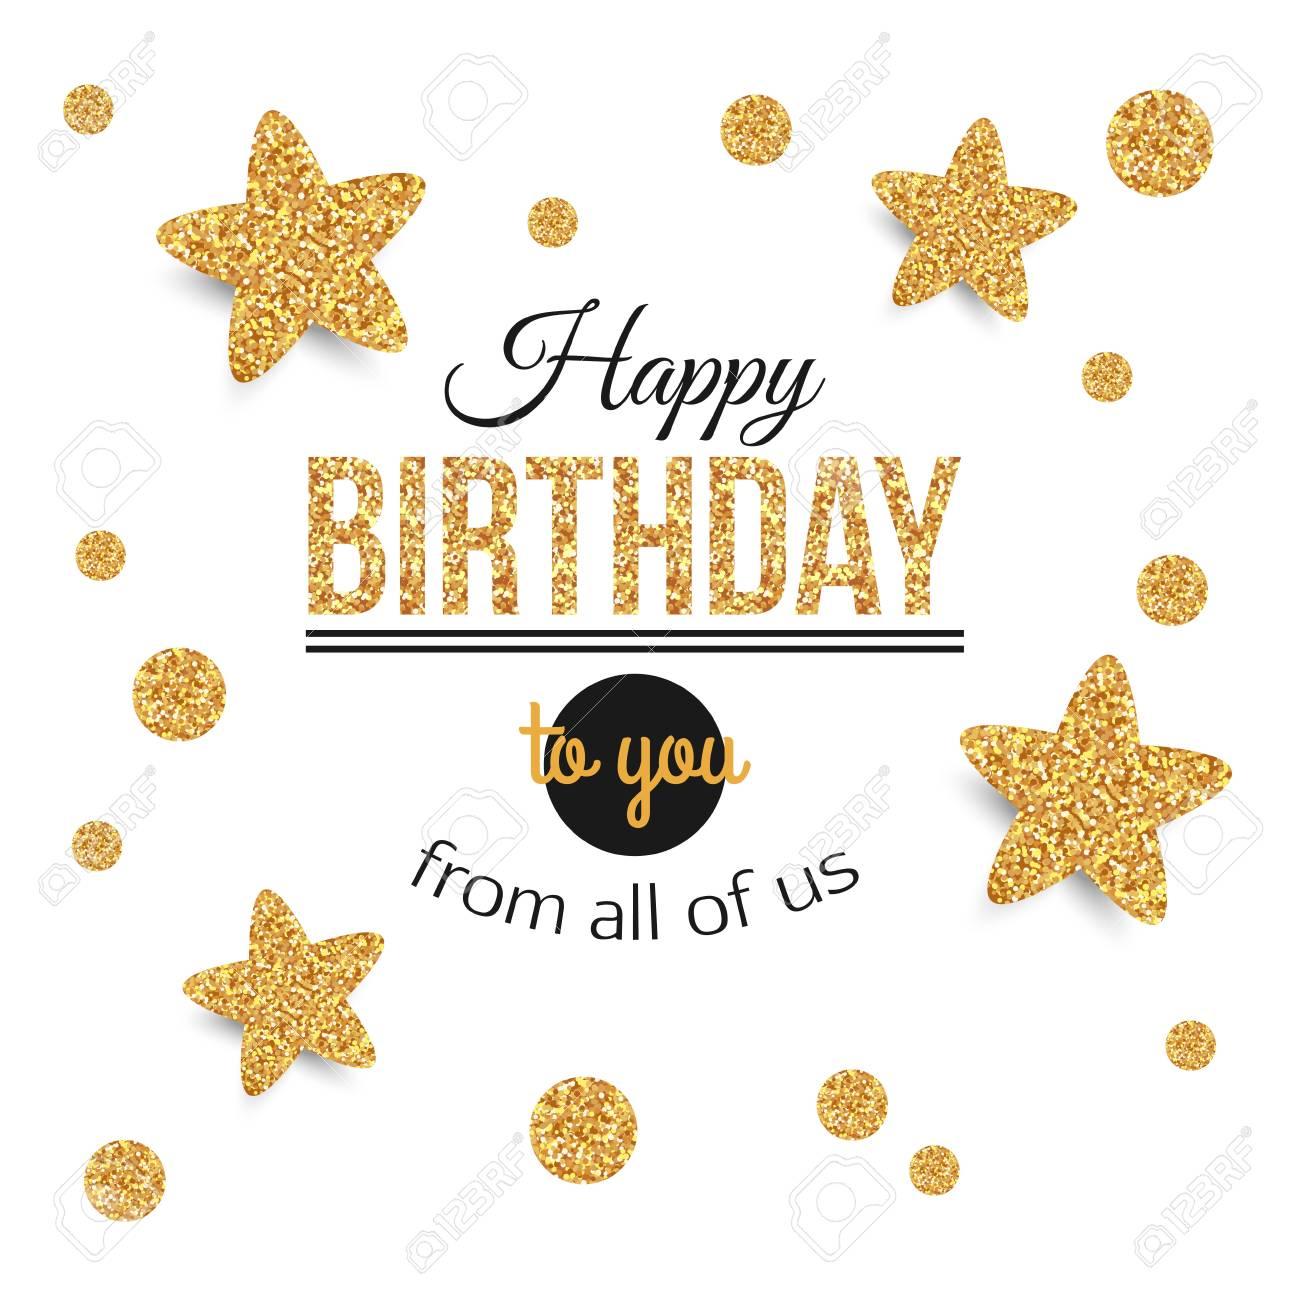 Geburtstag Hintergrund Mit Goldenen Sternen, Tupfen. Geburtstag ...